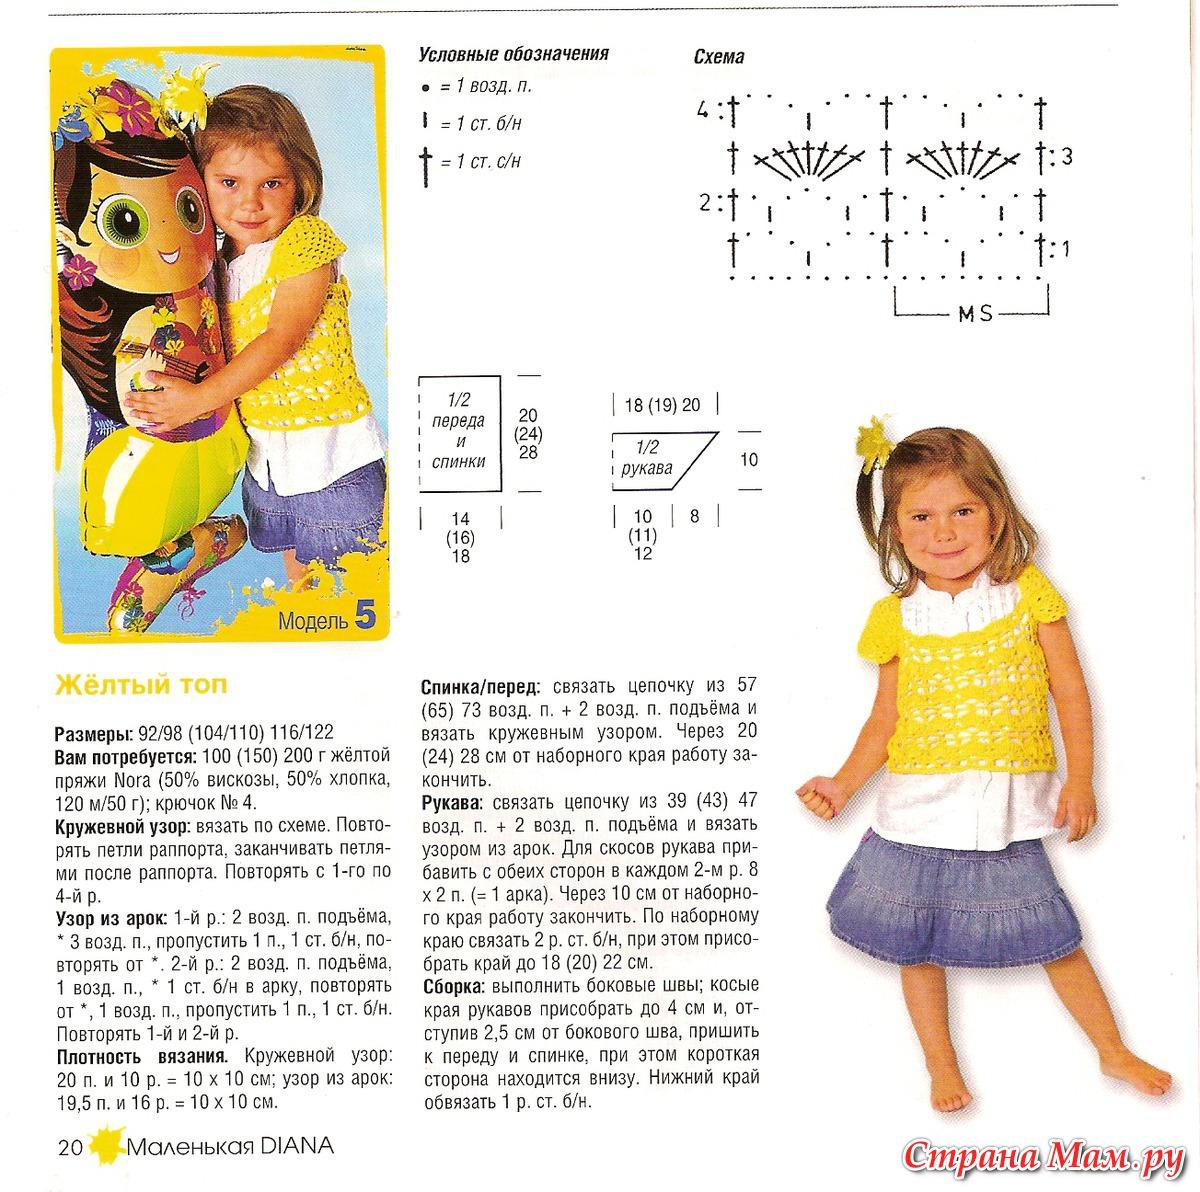 вязаный детский топ схема. нажмите для увеличения.